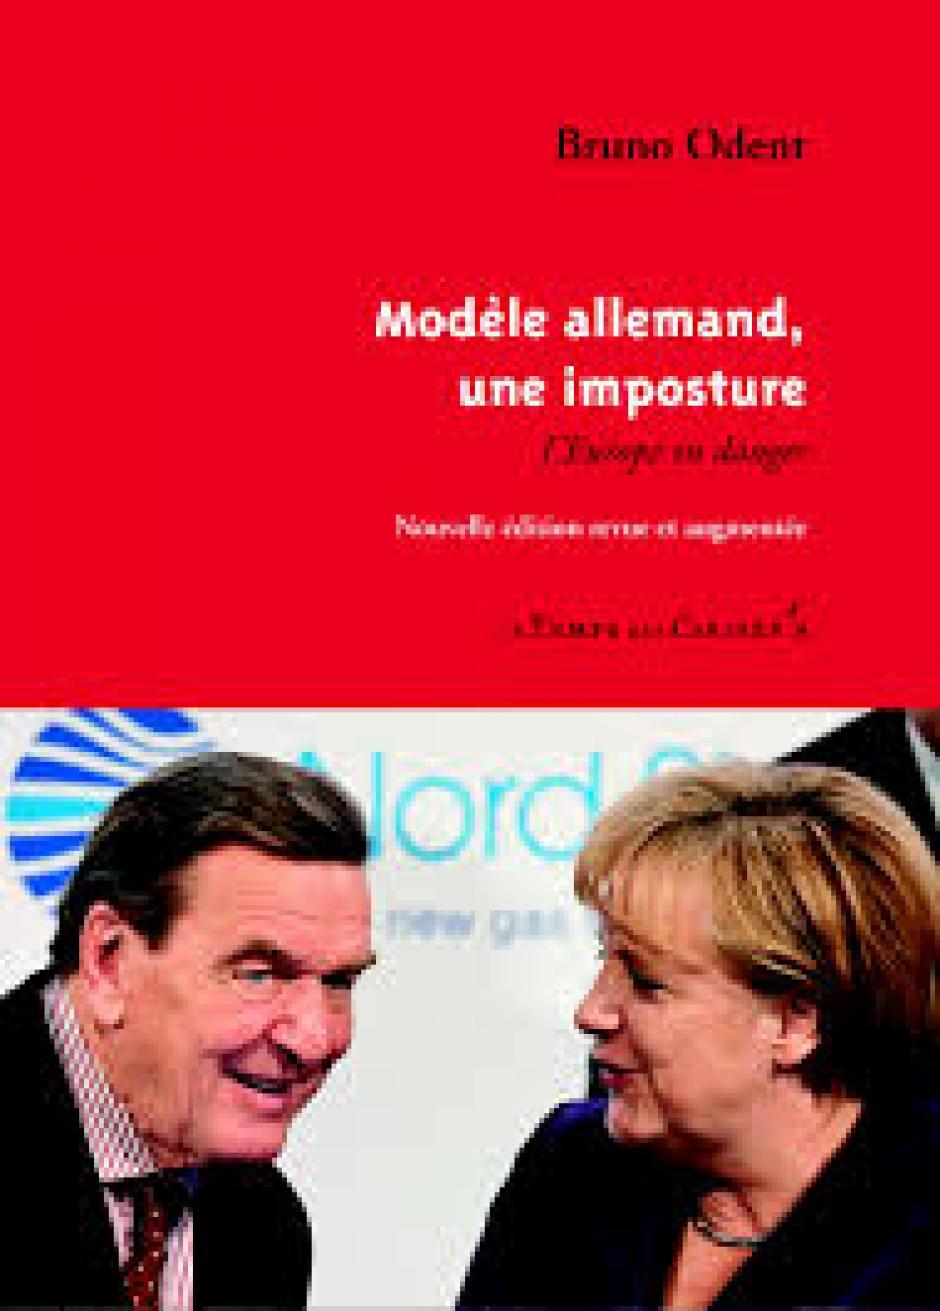 Modèle allemand, une imposture : L'Europe en danger - Bruno Odent